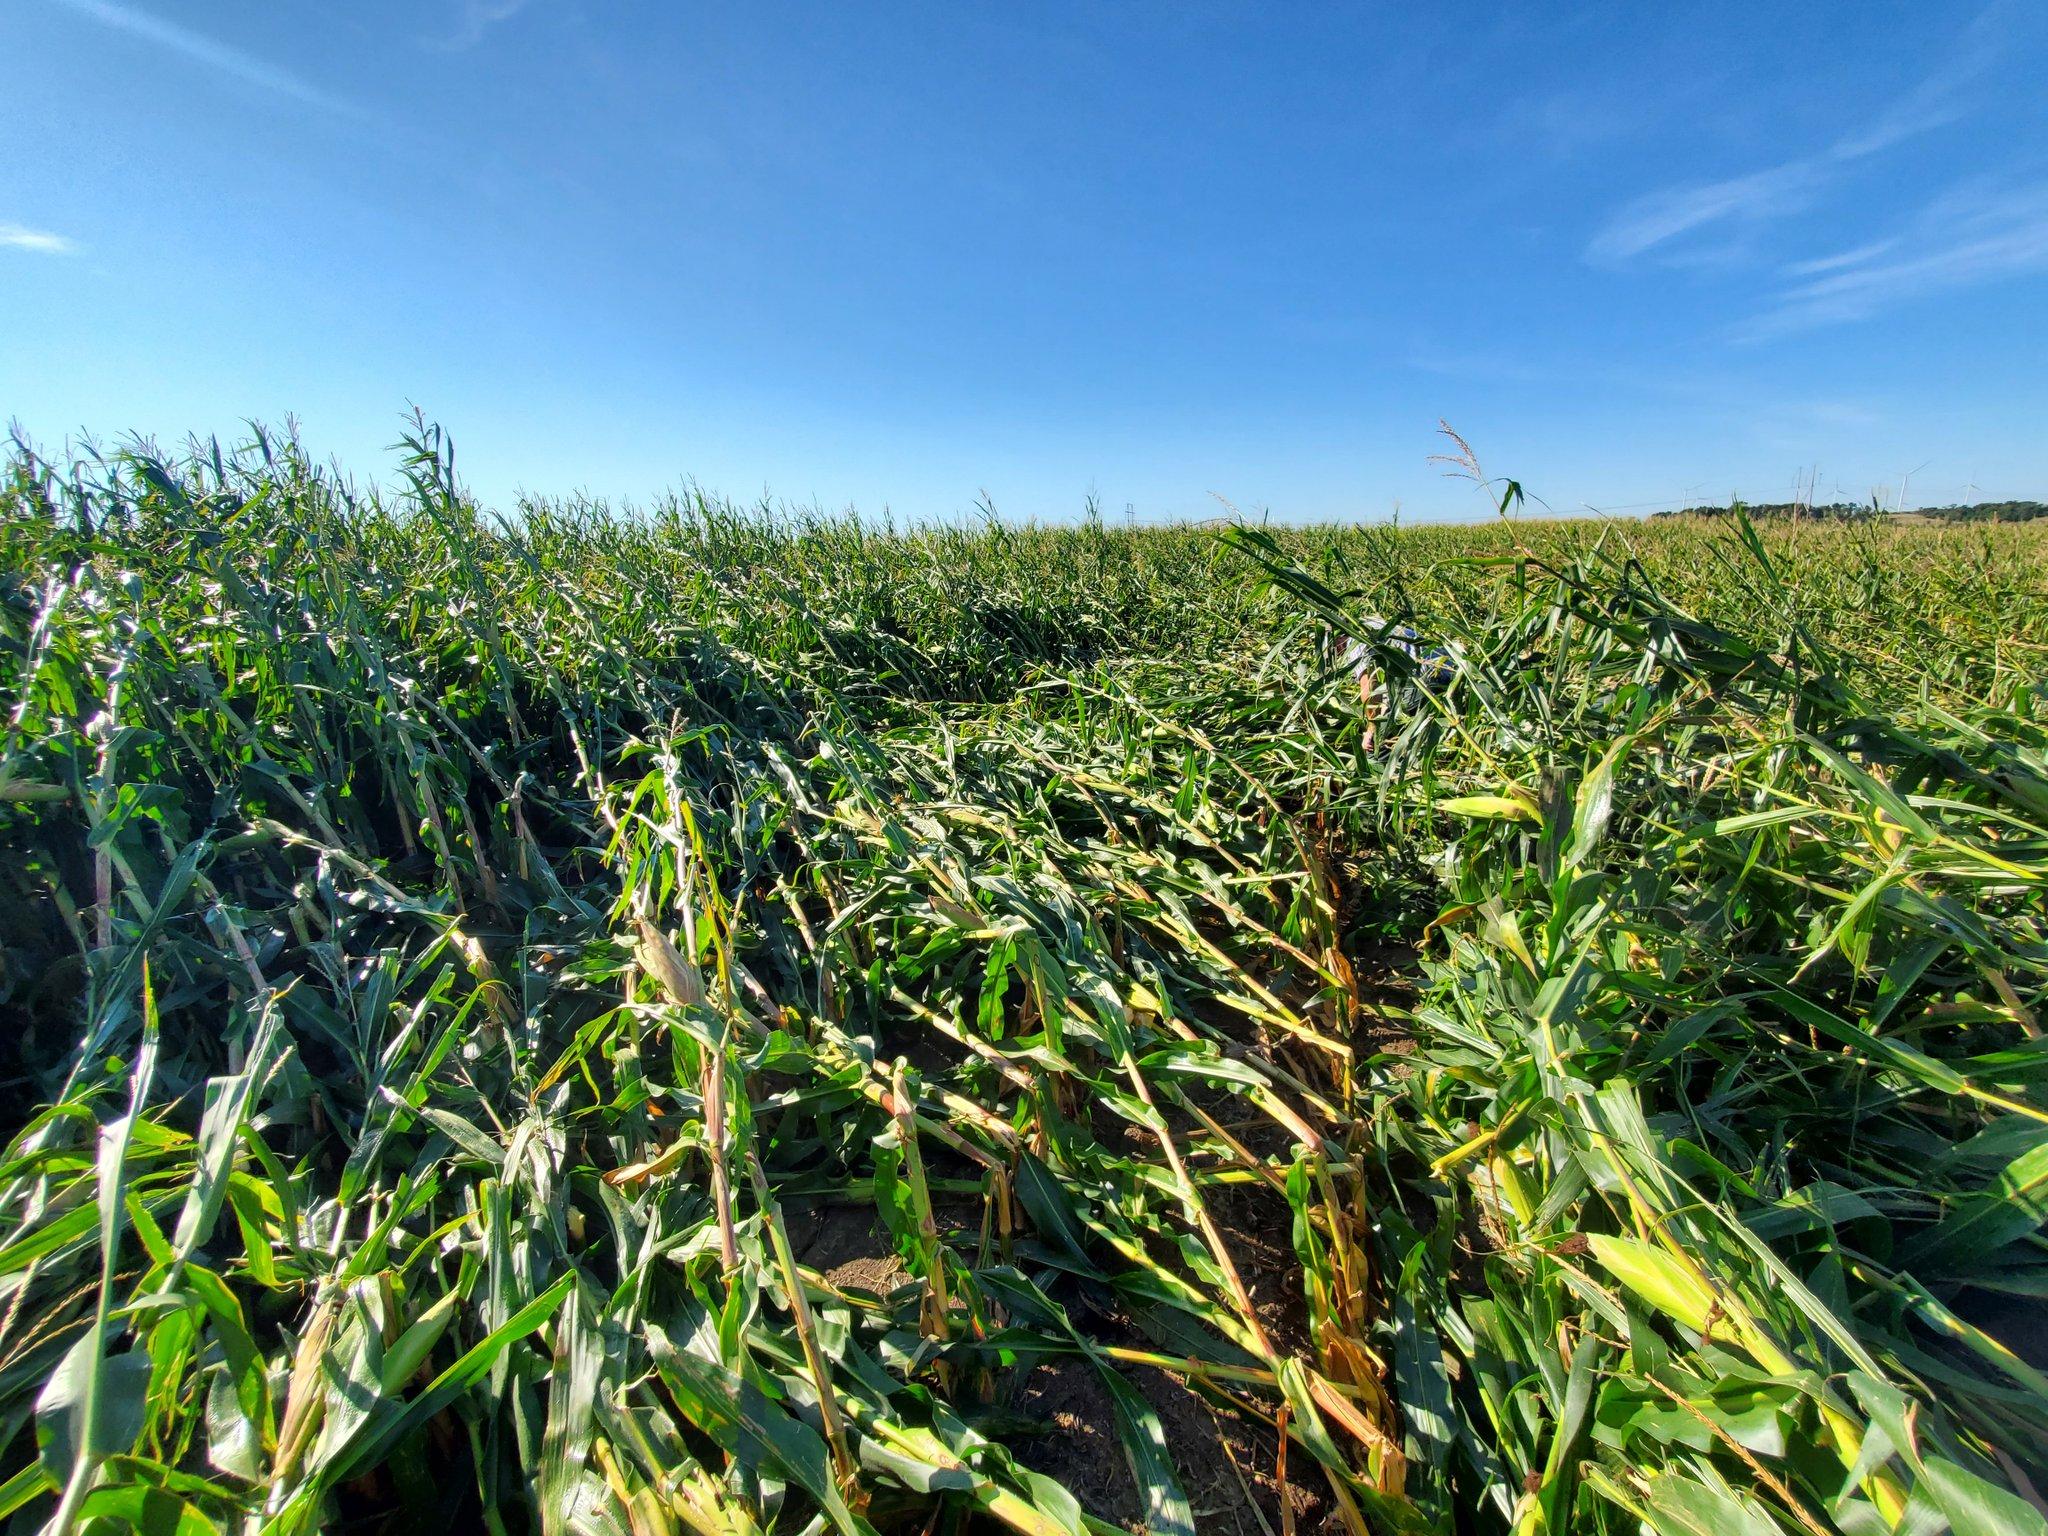 Milho Iowa - Pro Farmer 2020 - Foto: Jim Smith